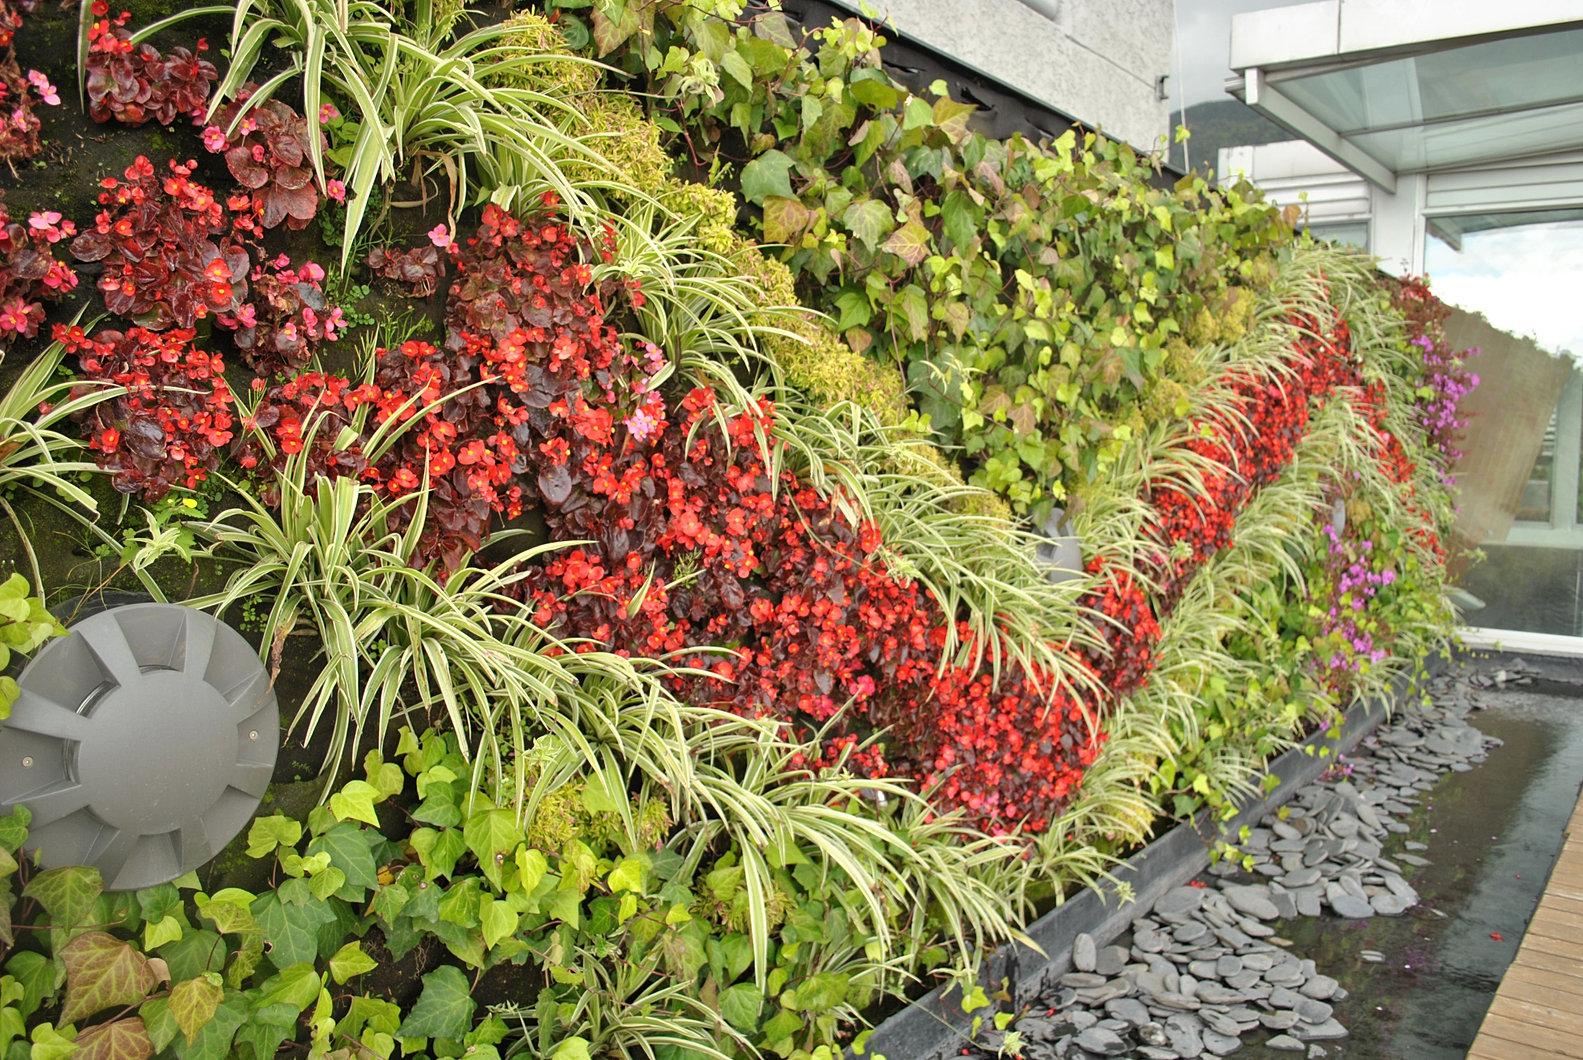 Jardines verticales y cubiertas verdes naturalbox for Jardines verticales concepto